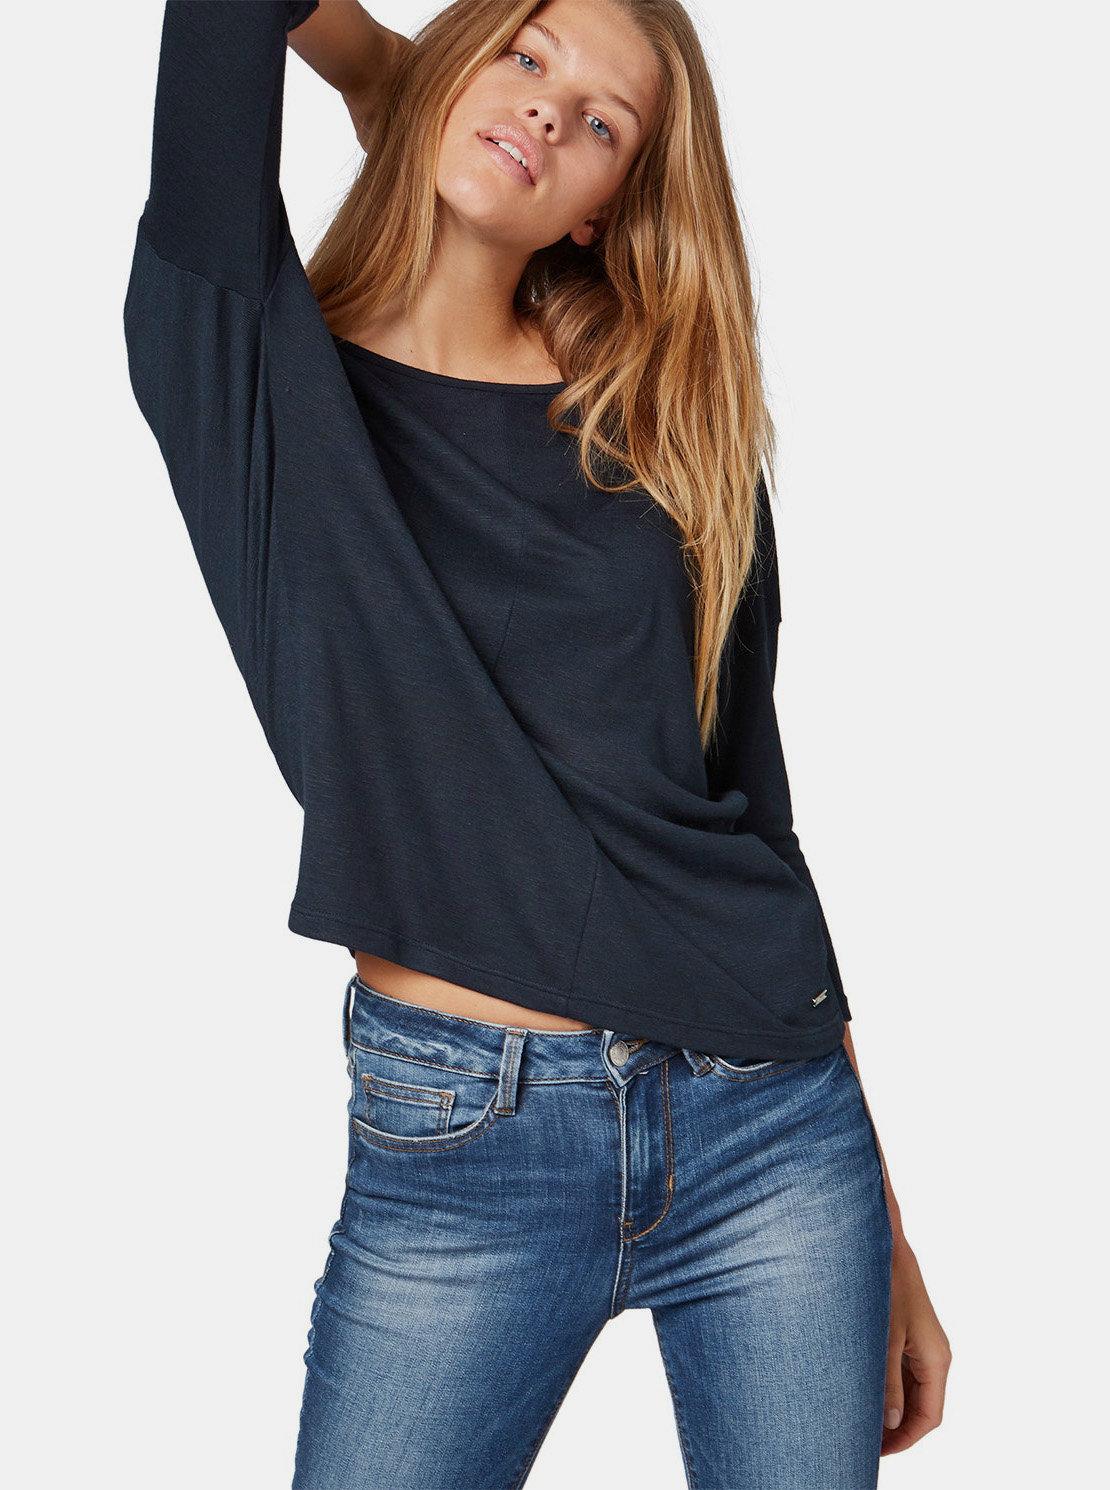 73c2c0ede490 Tmavomodré dámske voľné tričko s 3 4 rukávom Tom Tailor Denim ...